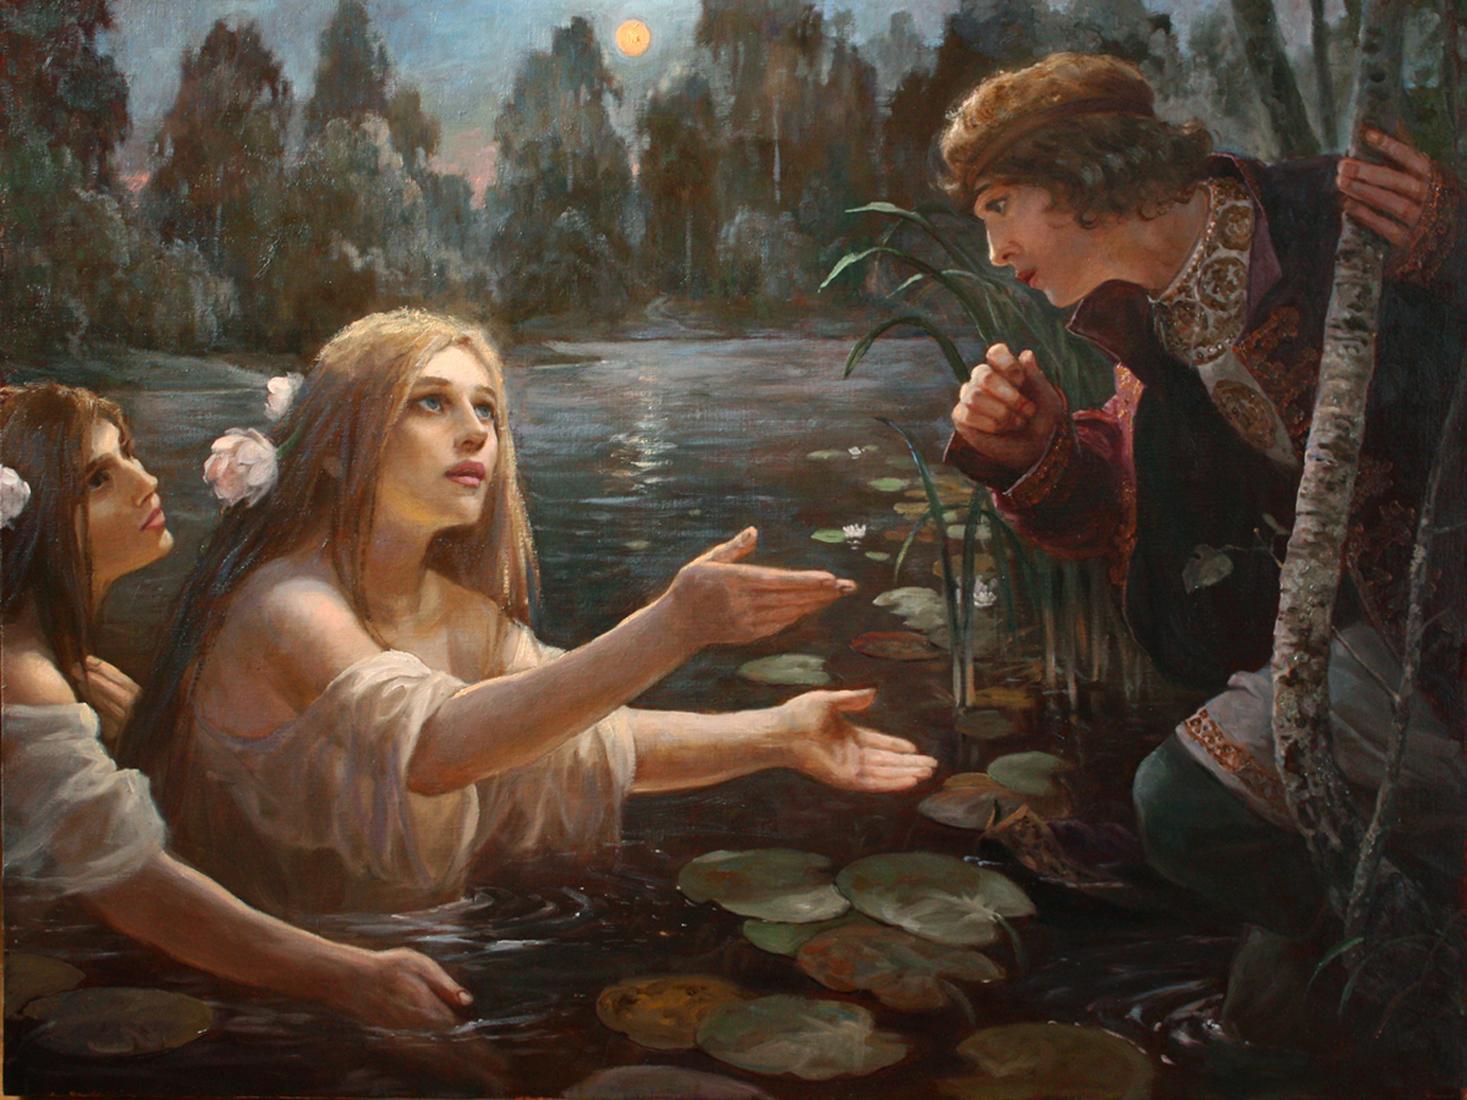 Картинки языческие мотивы